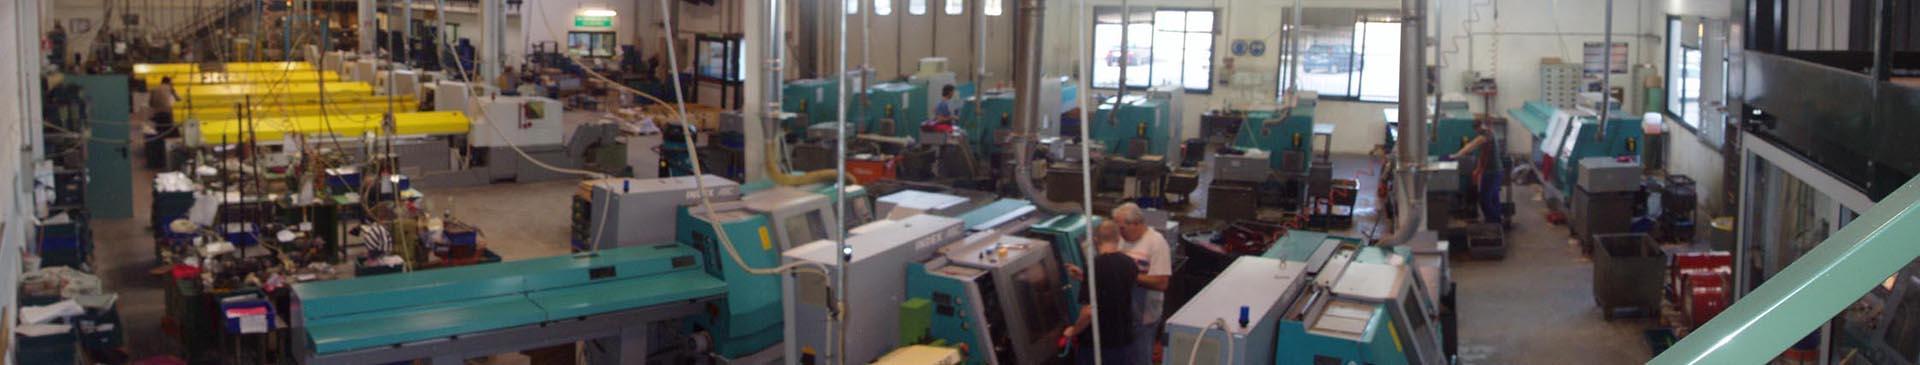 stabilimento produzione minuterie metalliche da barra